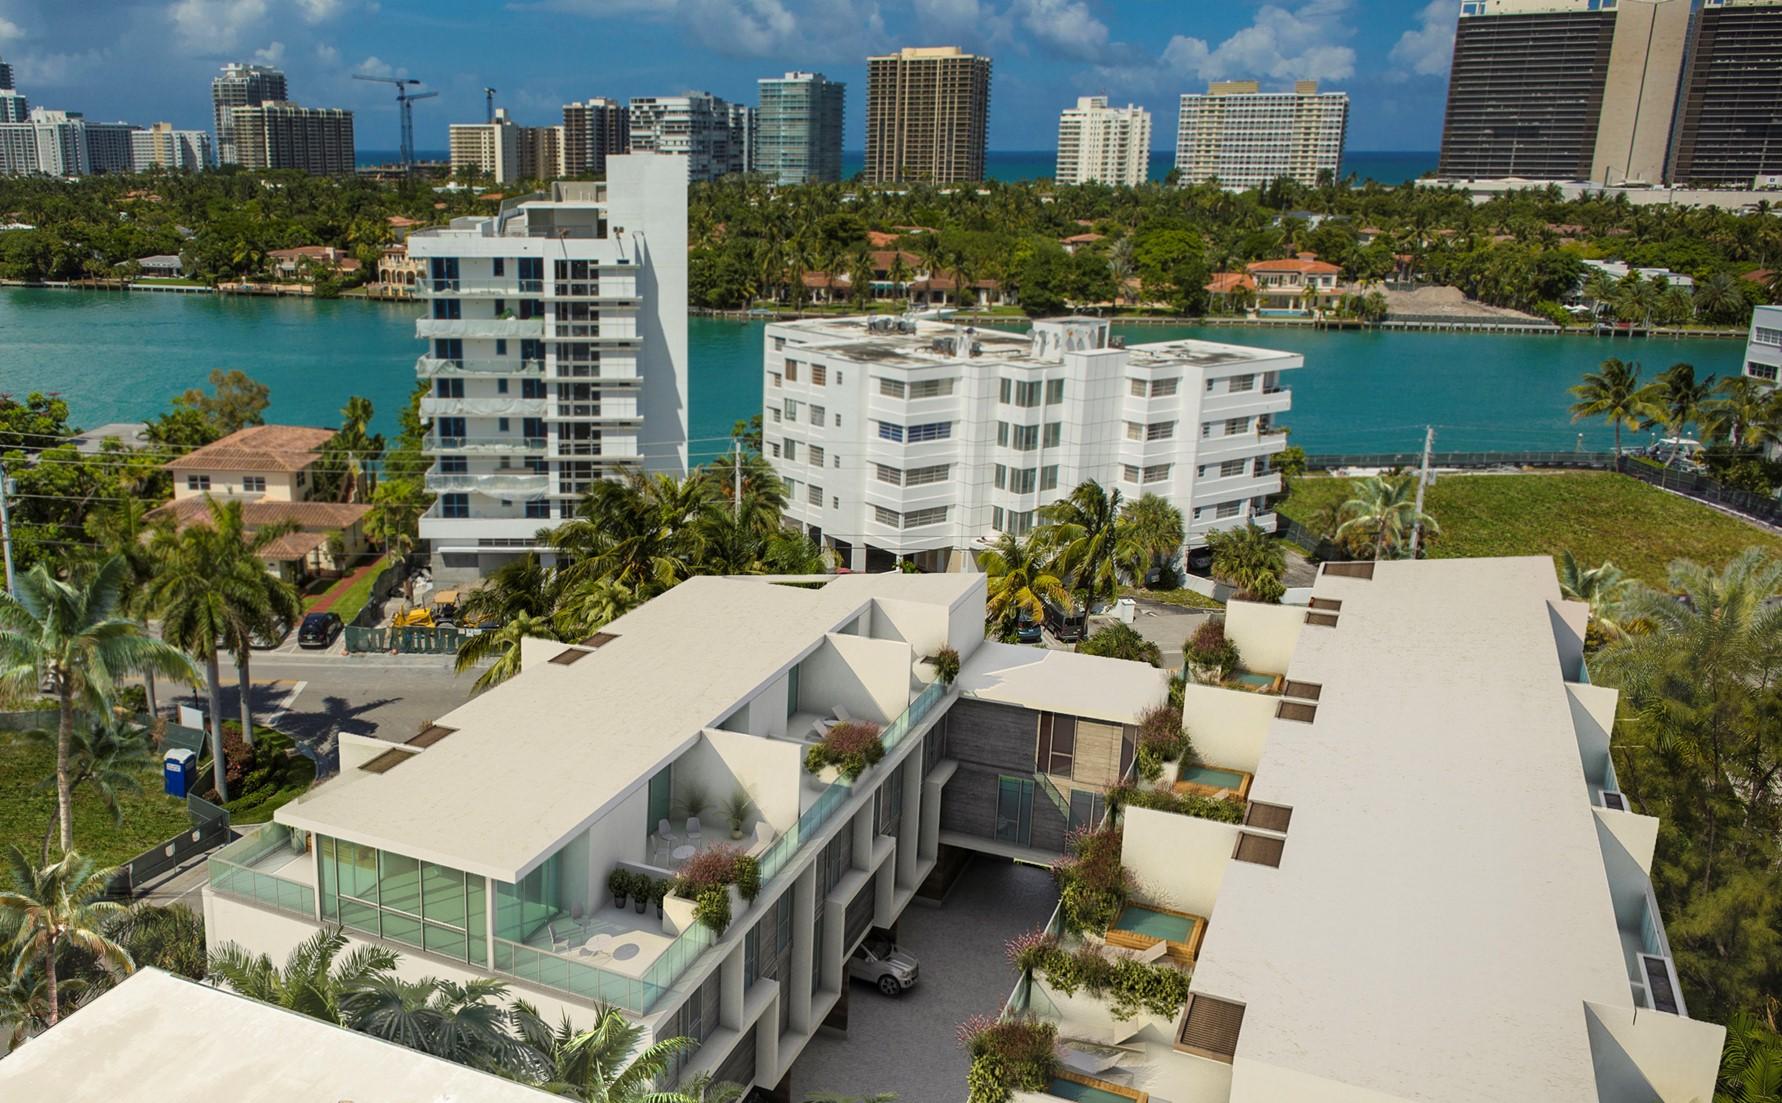 Homes for sale in Miami - Bay Harbor Islands - Villas